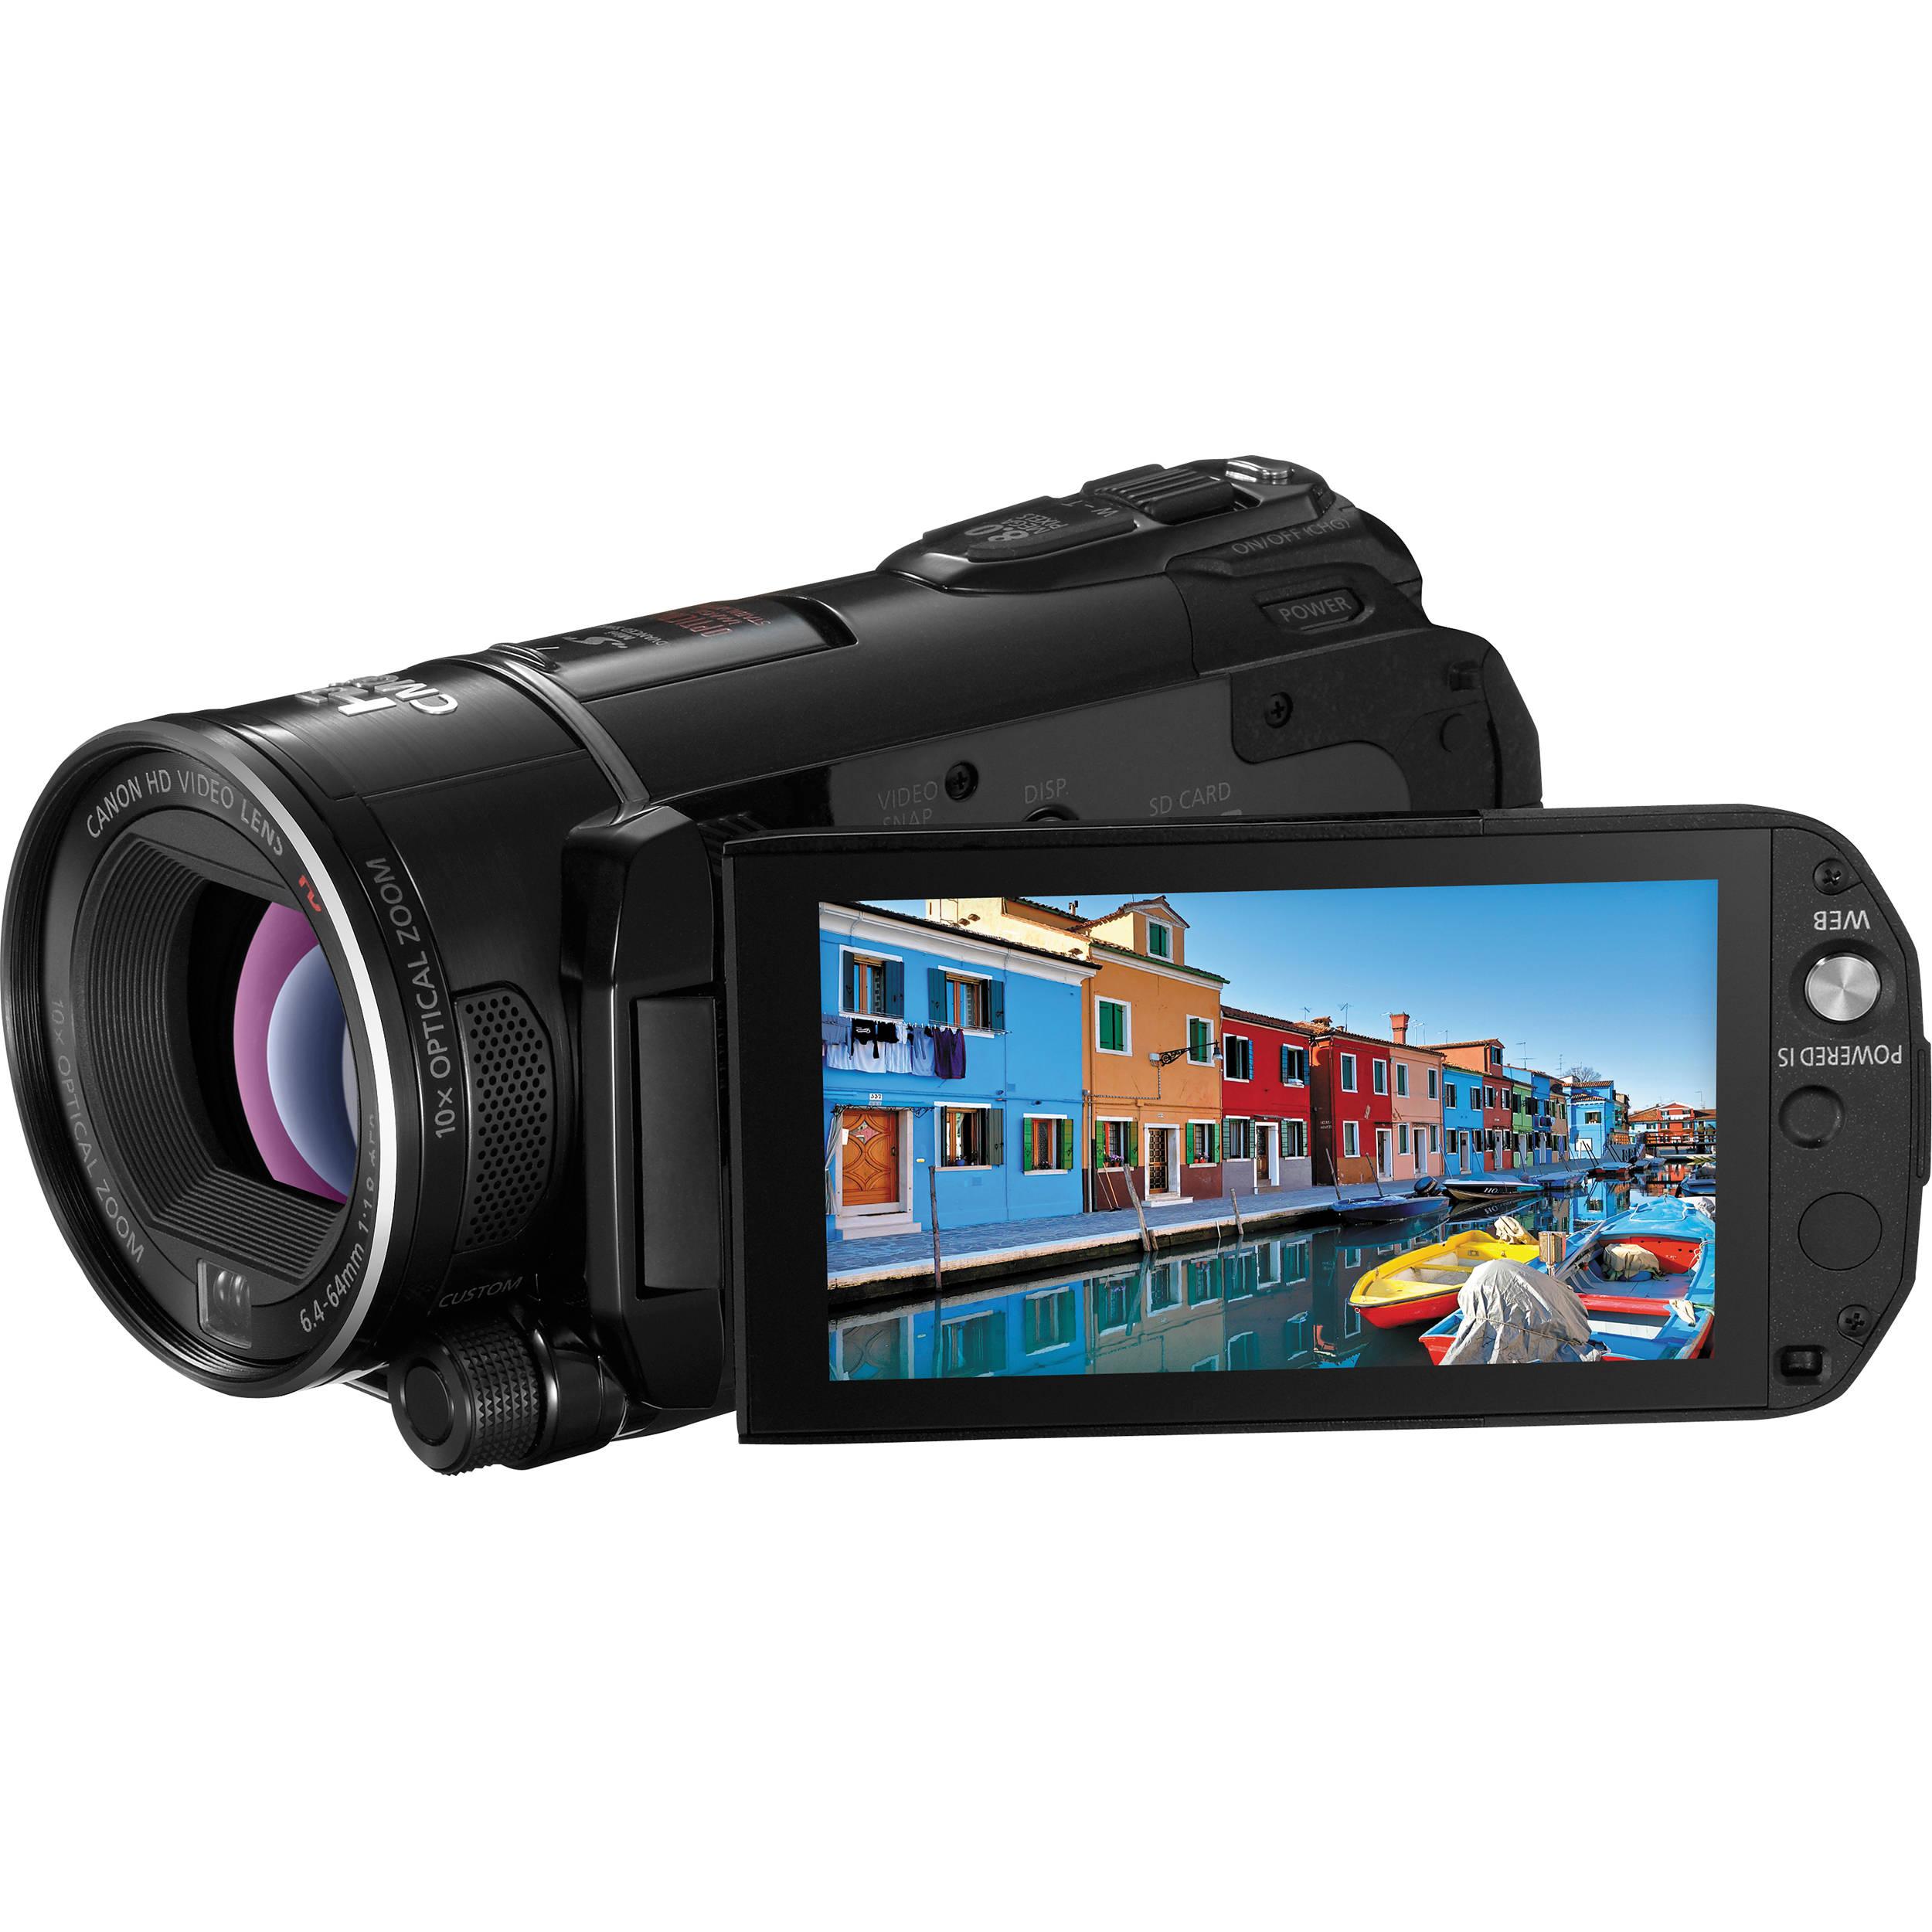 canon vixia hf s20 dual flash memory camcorder 4316b001 b h rh bhphotovideo com canon vixia hf s20 software download canon vixia hf s20 manual pdf